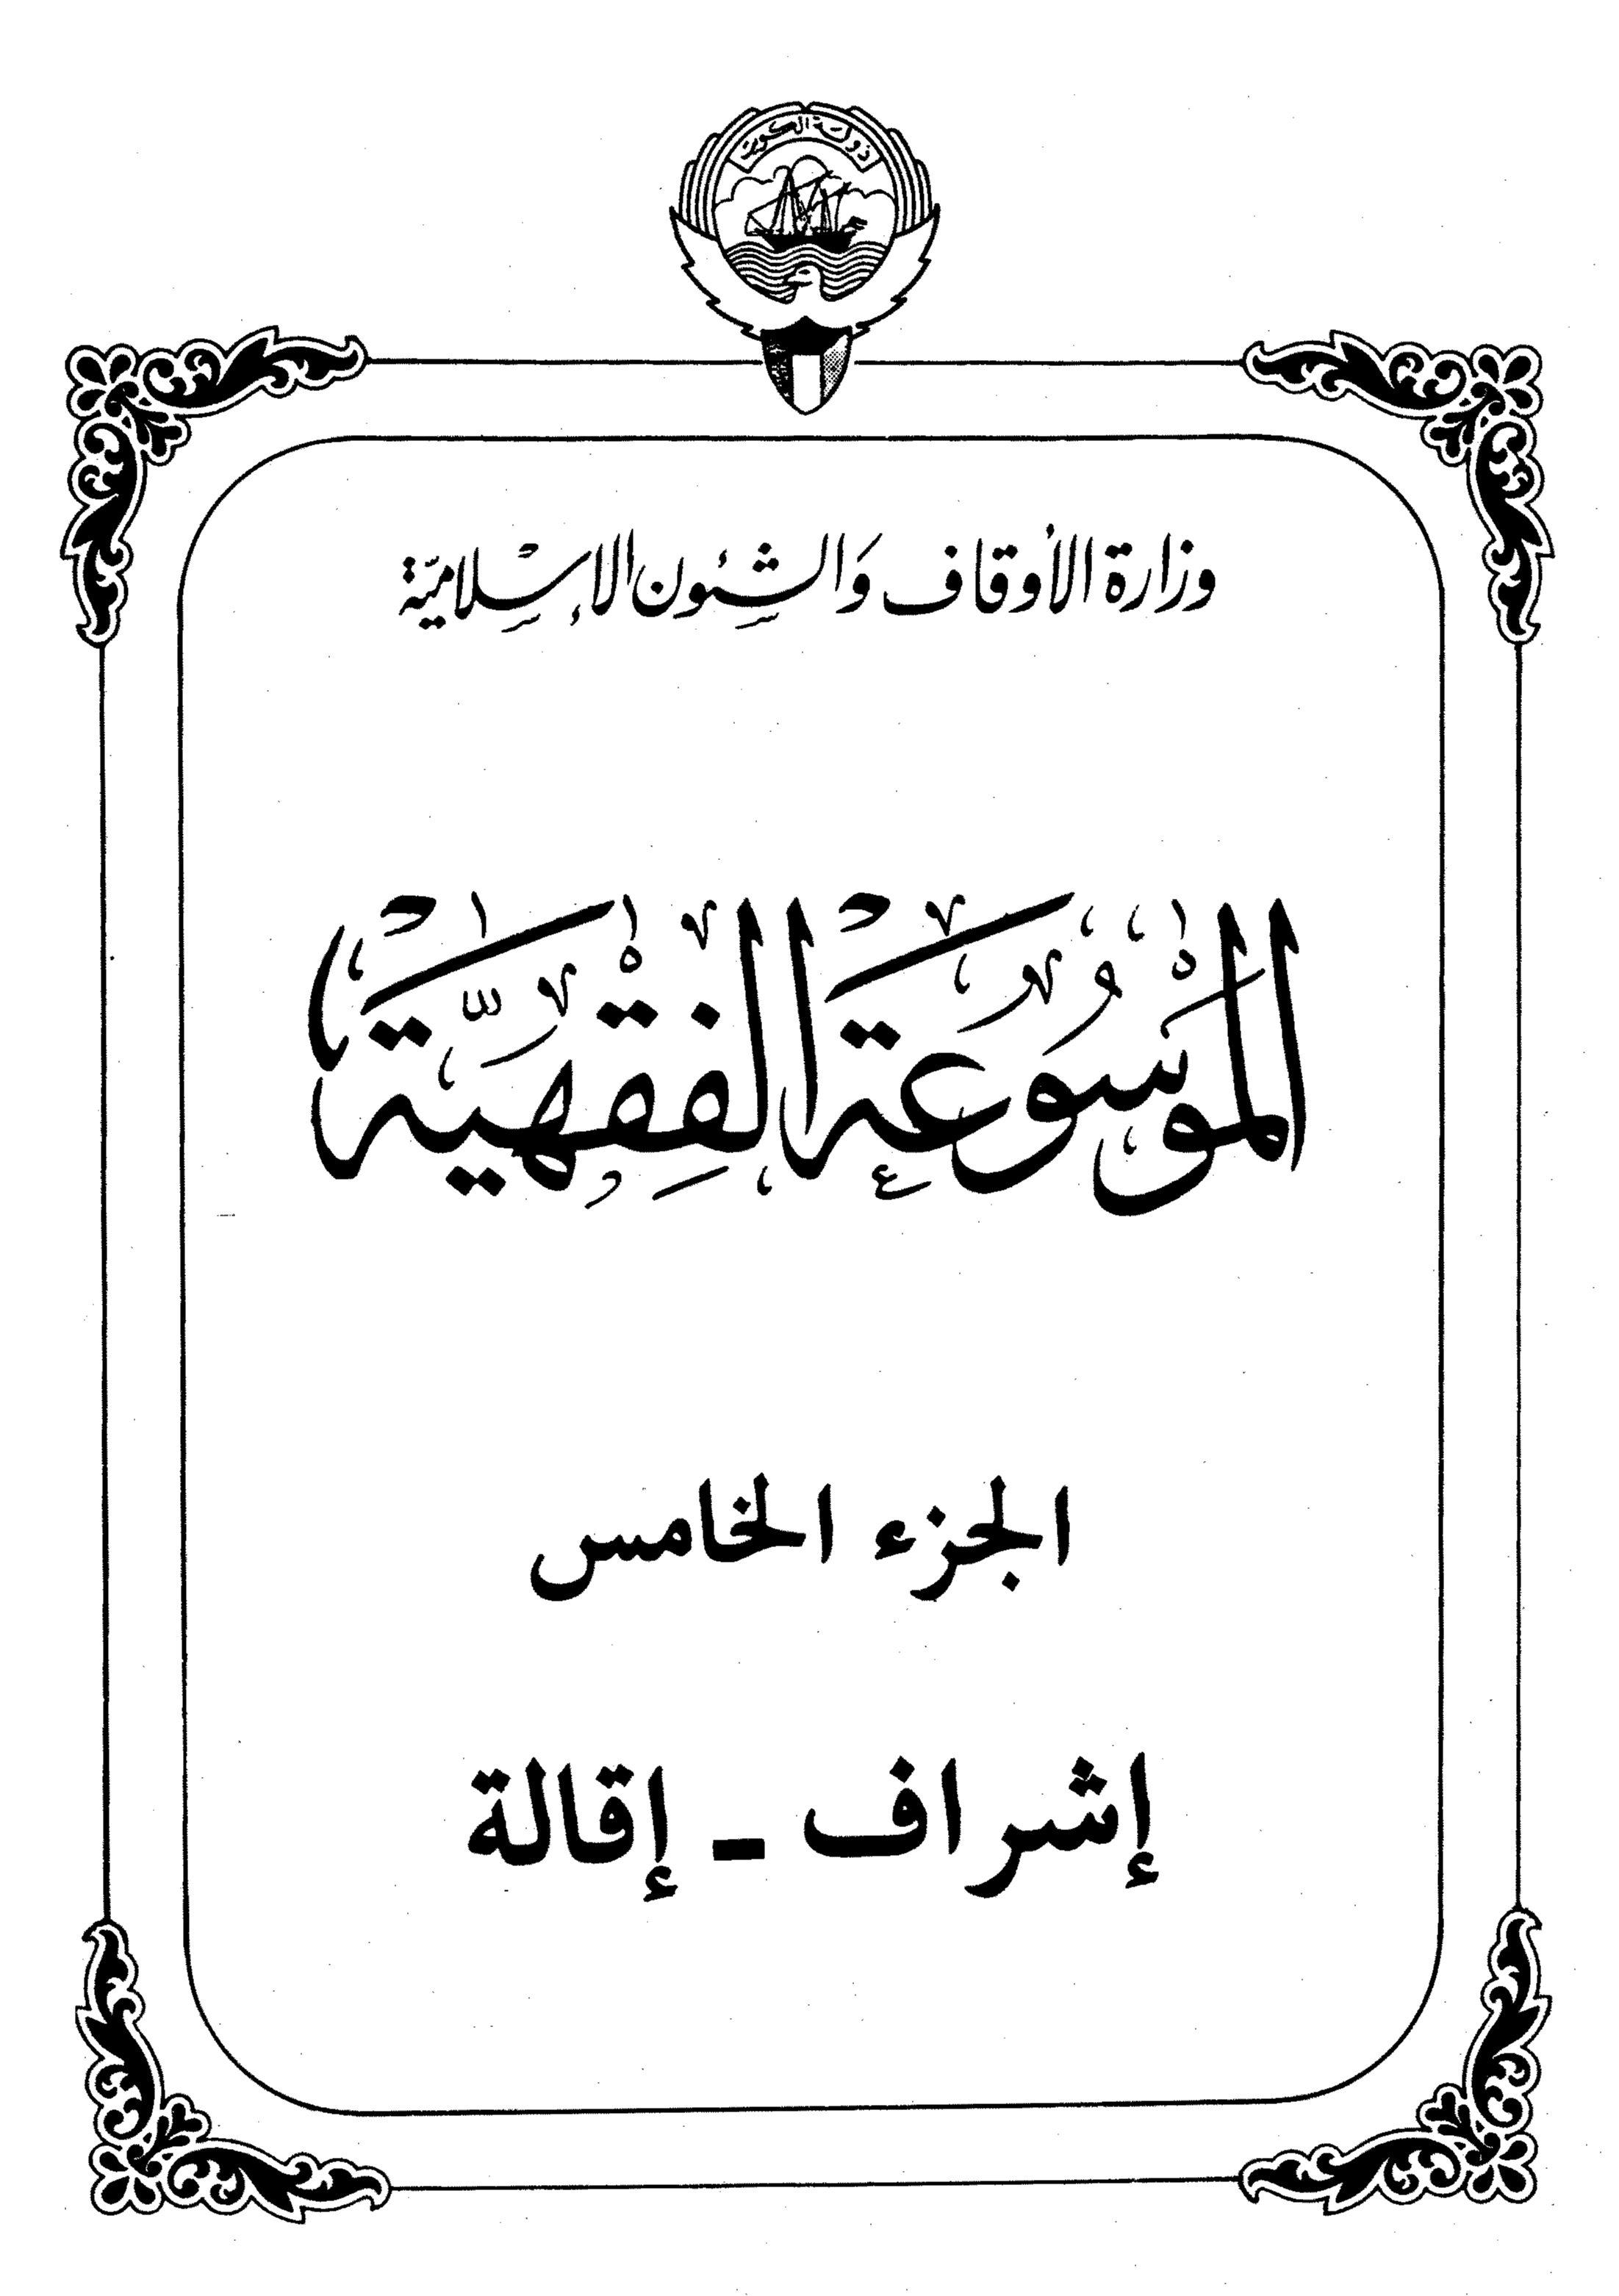 الموسوعة الفقهية الكويتية – الجزء الخامس (إشراف- إقالة)